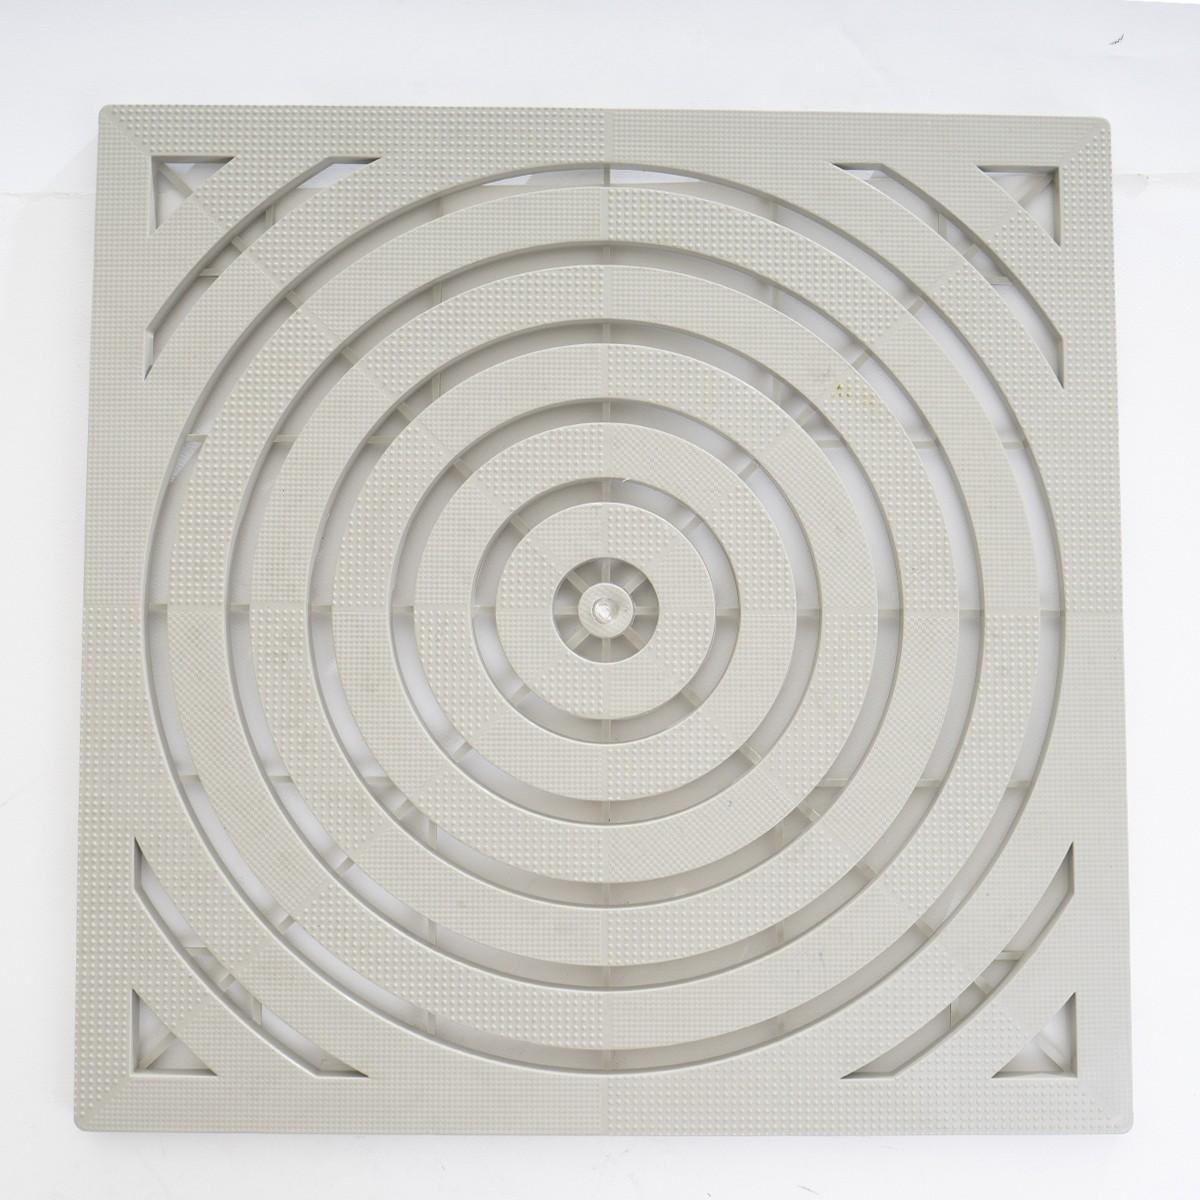 Tapis Rigide pour Receveur de Douche Blanc 57.5x57.5cm